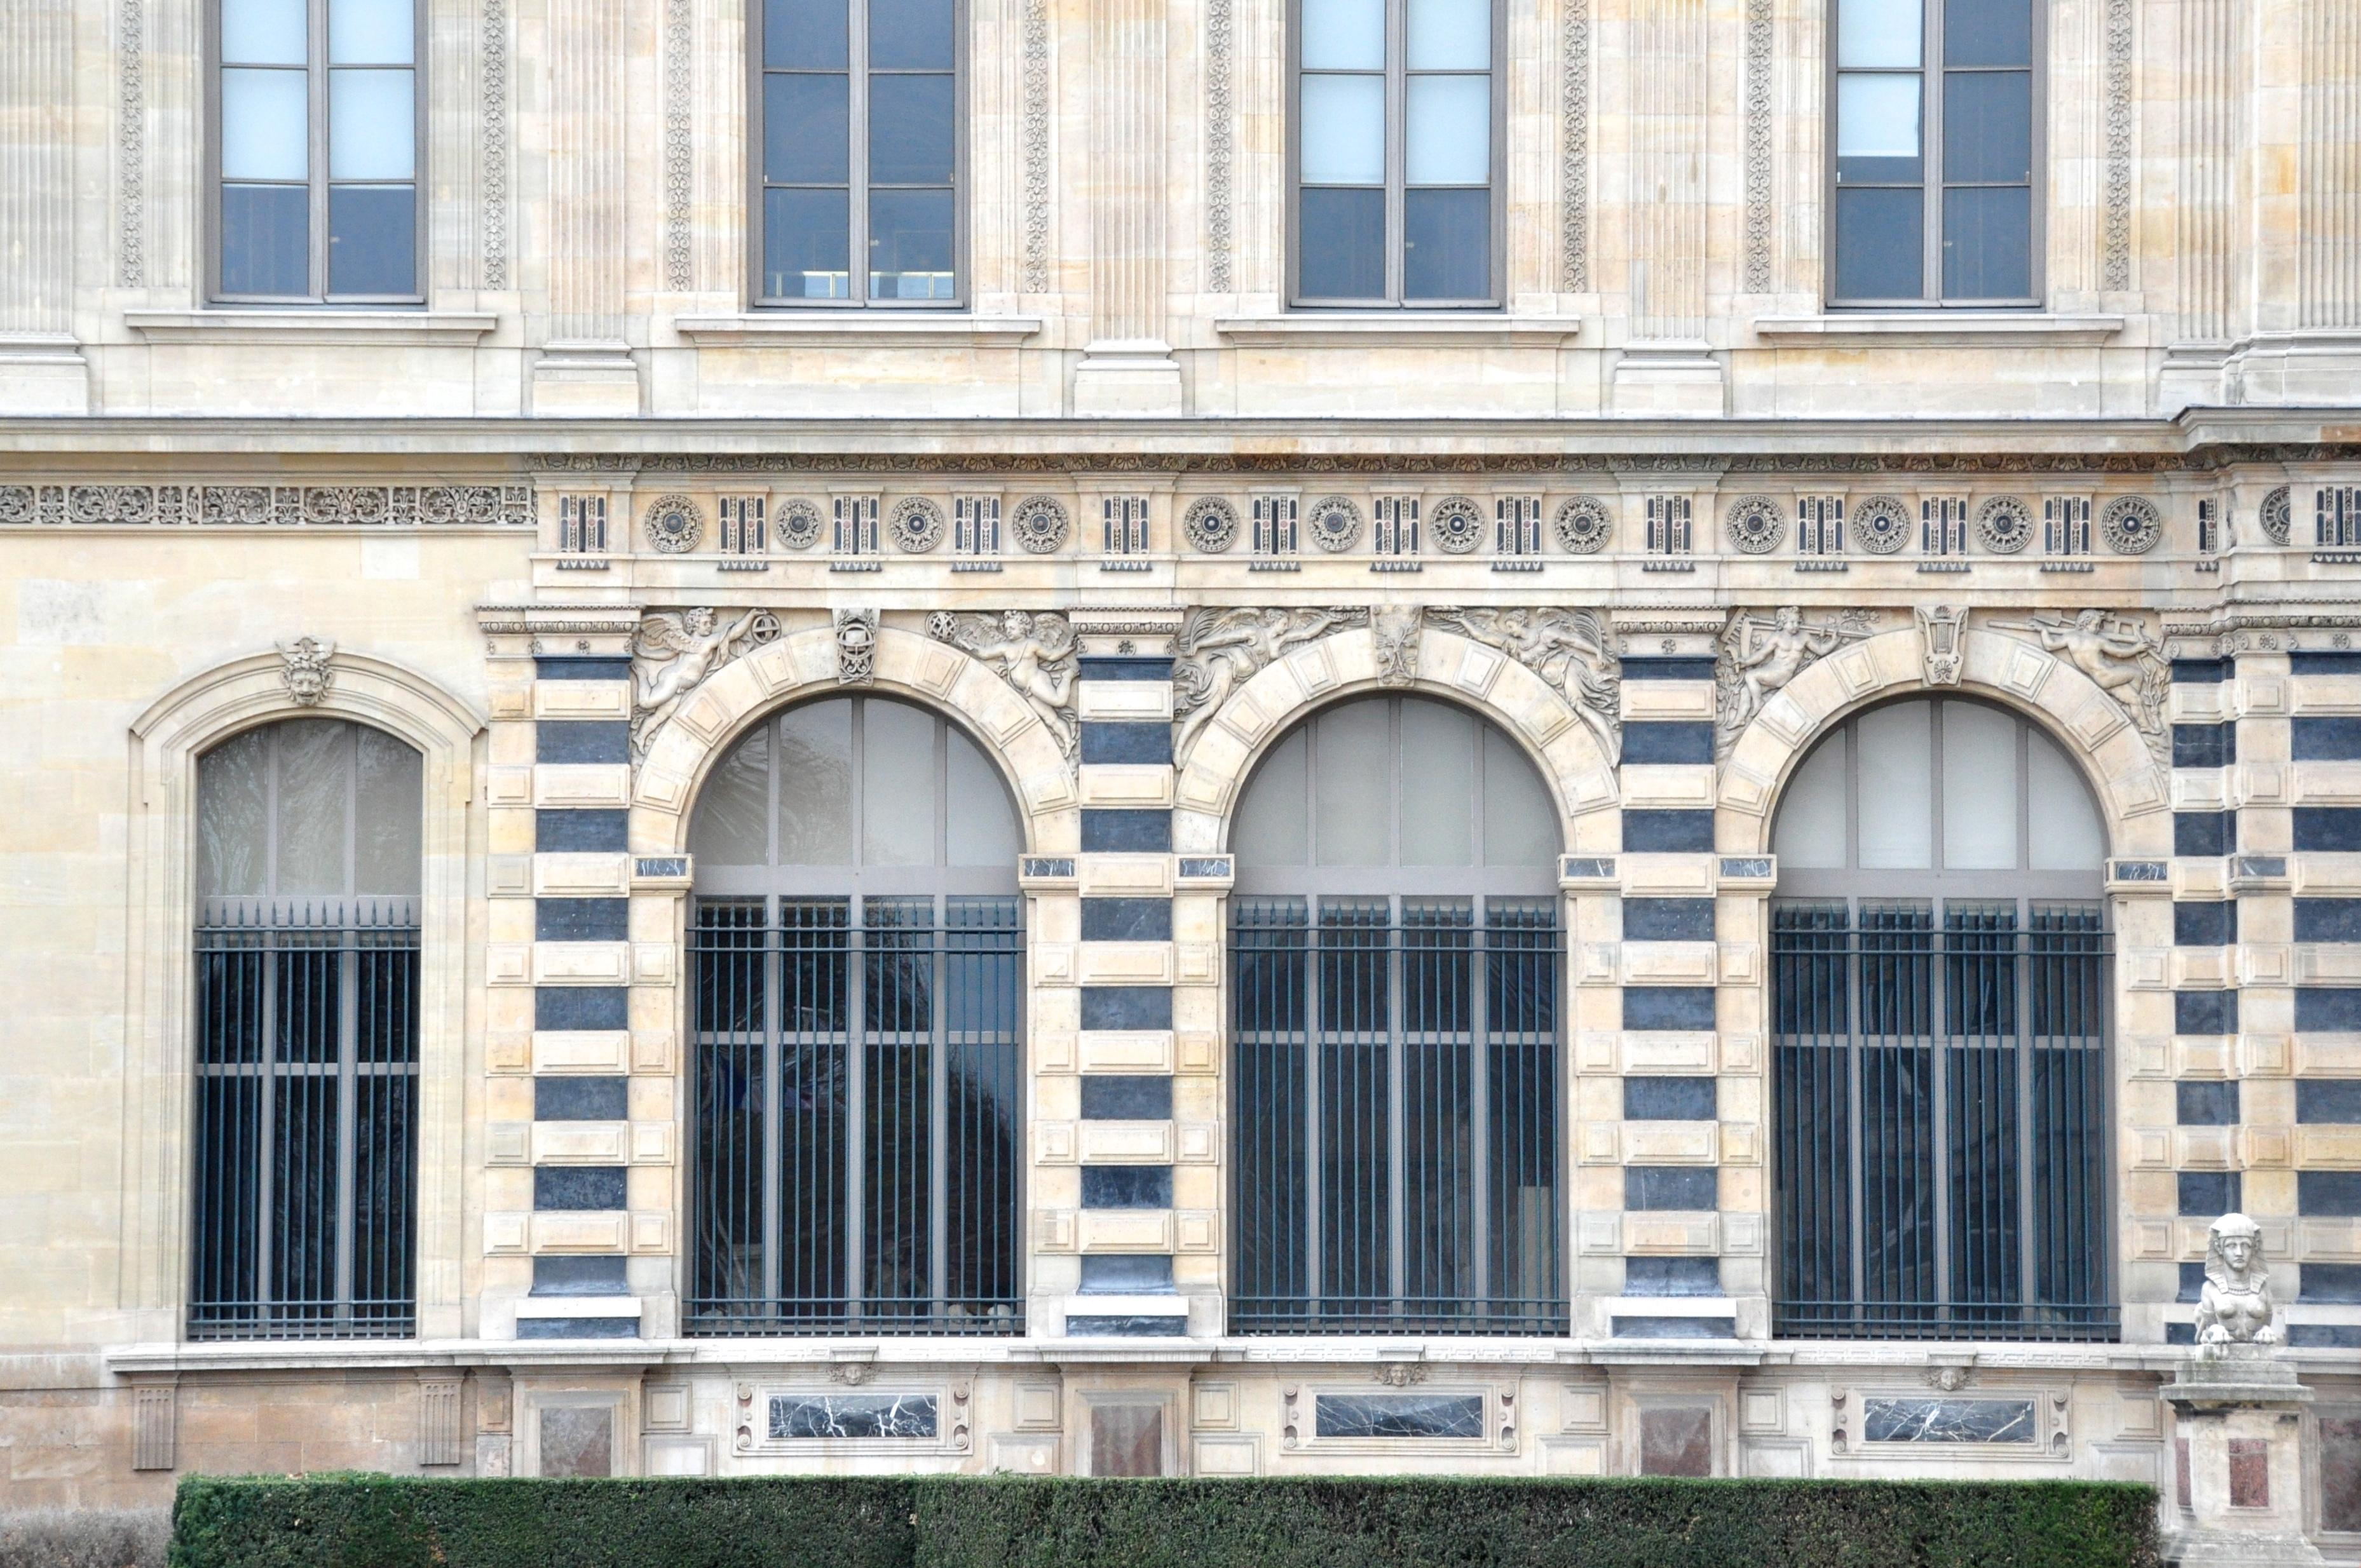 Petite galerie, façade Renaissance, Le Louvre, Paris